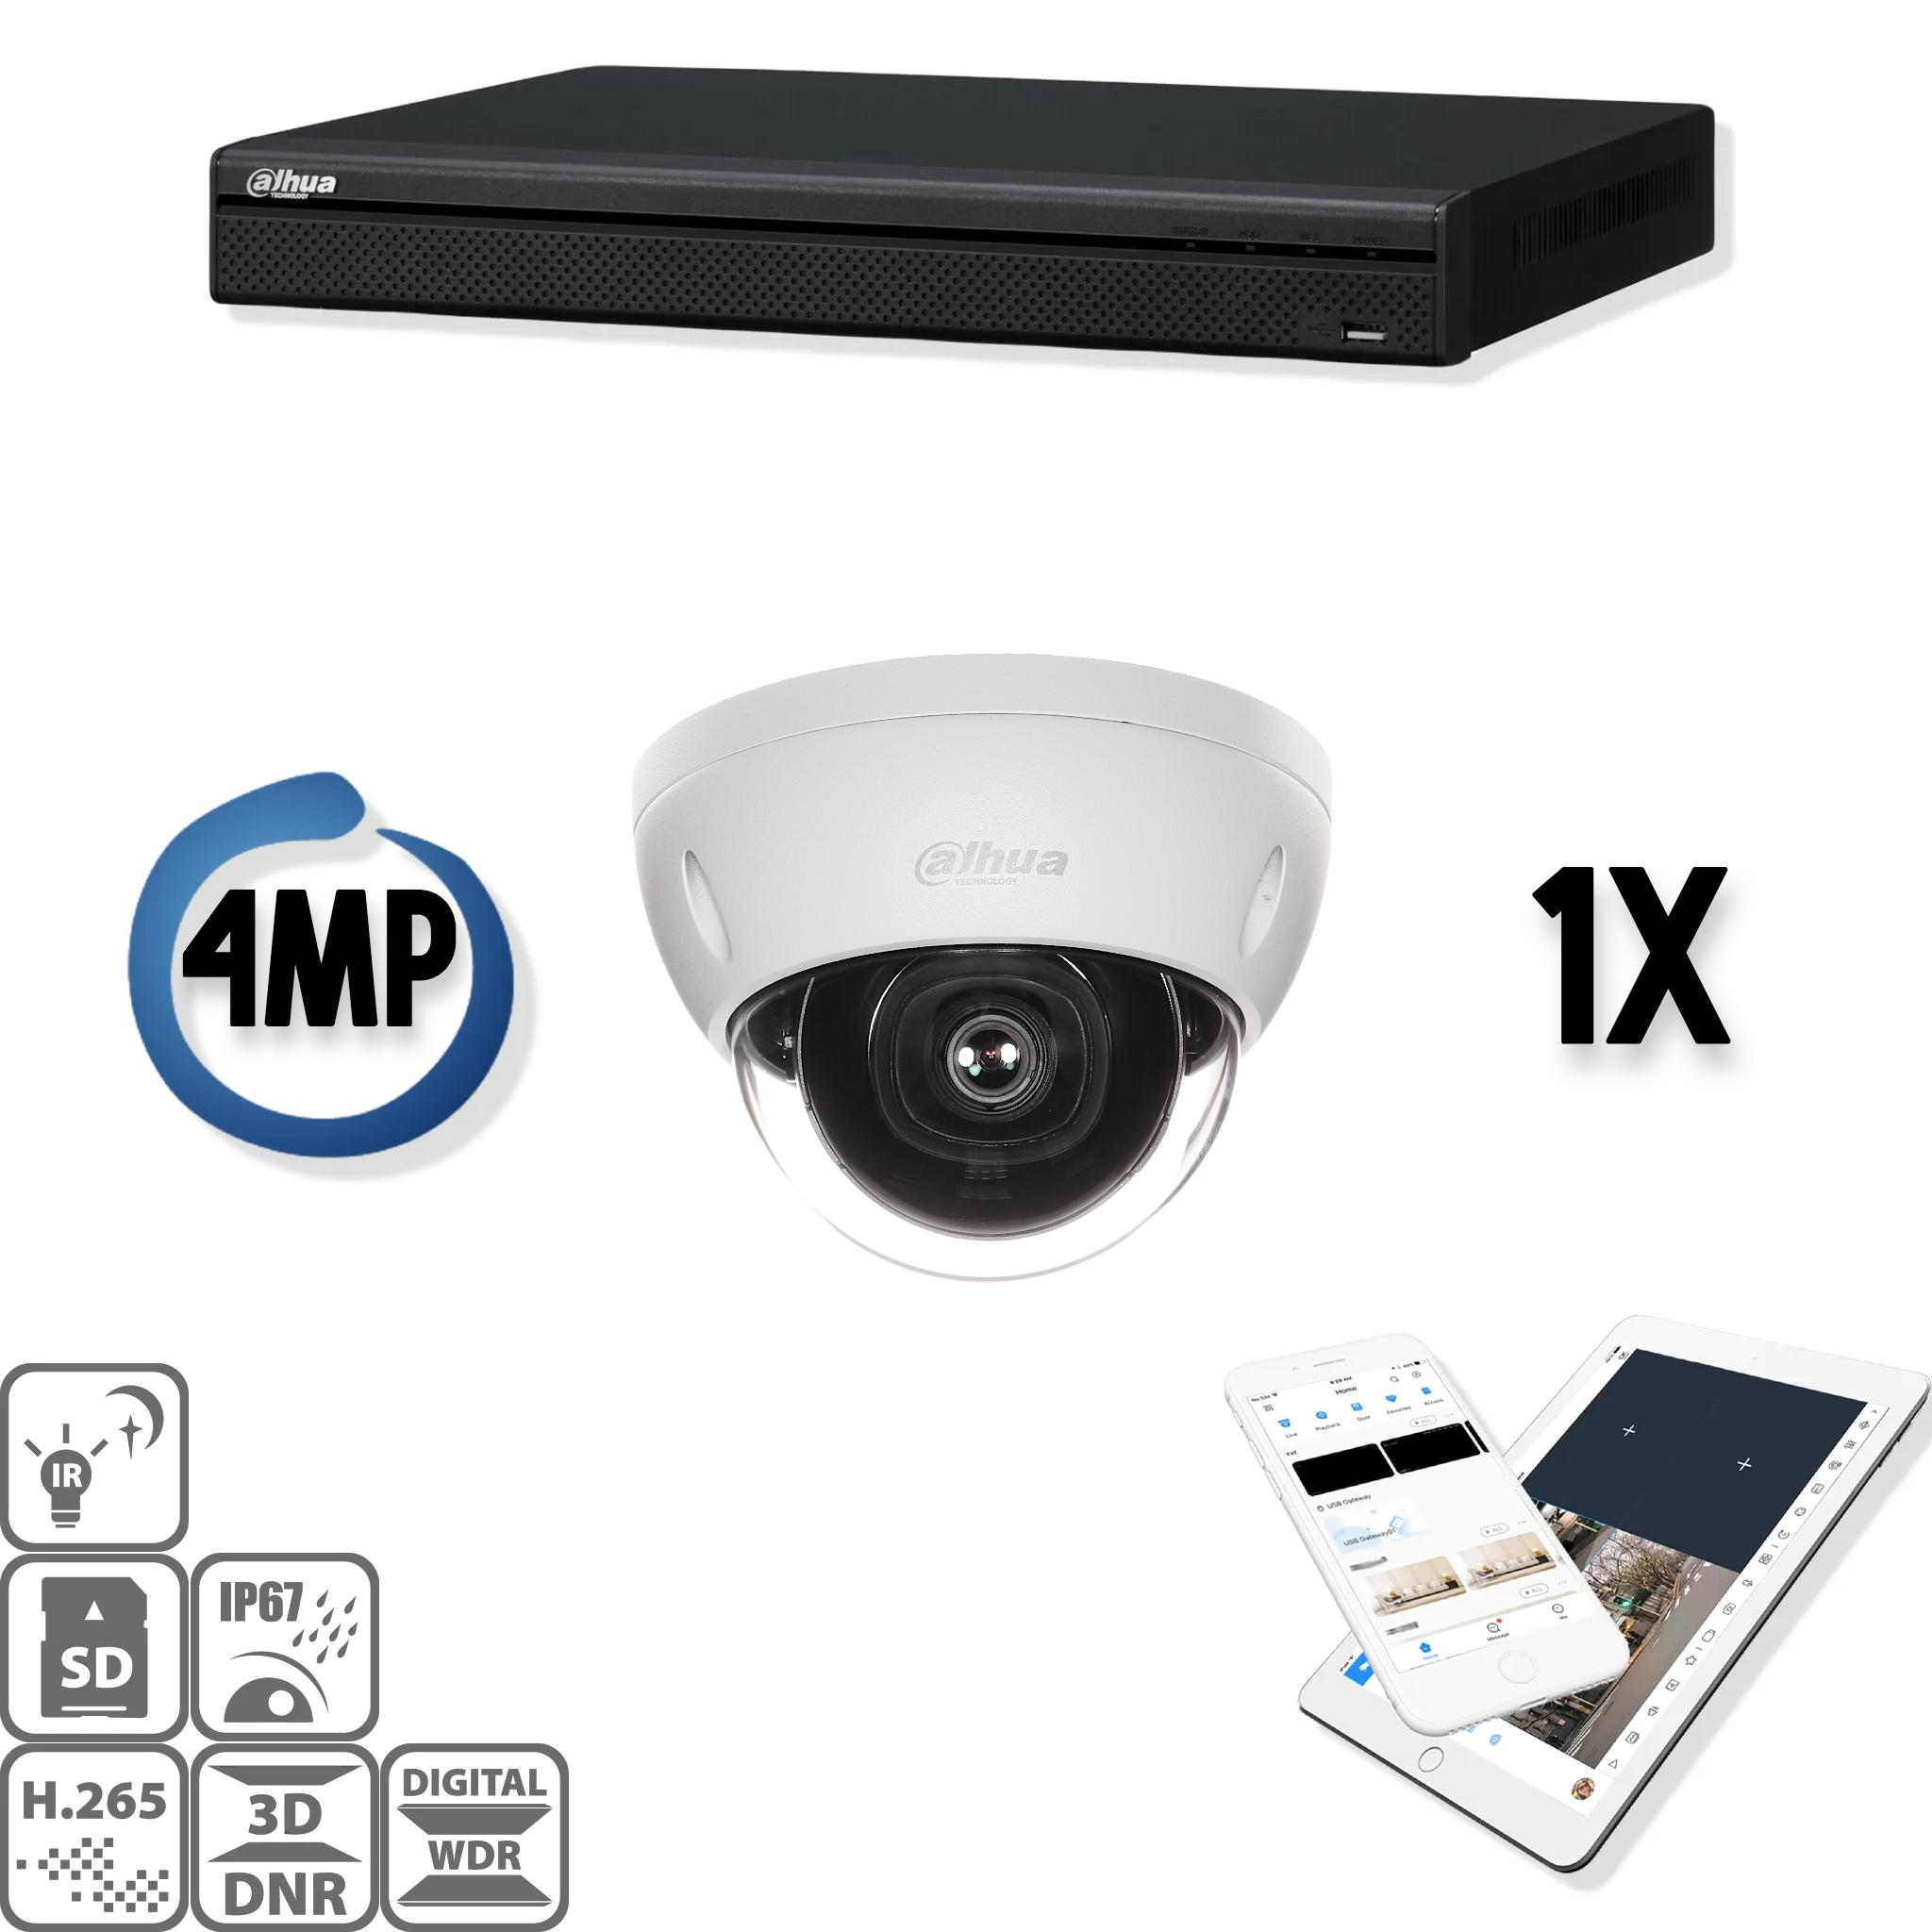 O conjunto de segurança da câmera Dahua IP 1x dome 4mp Full HD contém 1 câmera IP dome, que são adequadas para uso interno ou externo. A câmera possui qualidade de imagem Full HD com LEDs IR para uma visão perfeita no escuro. Este conjunto de câmeras HD I